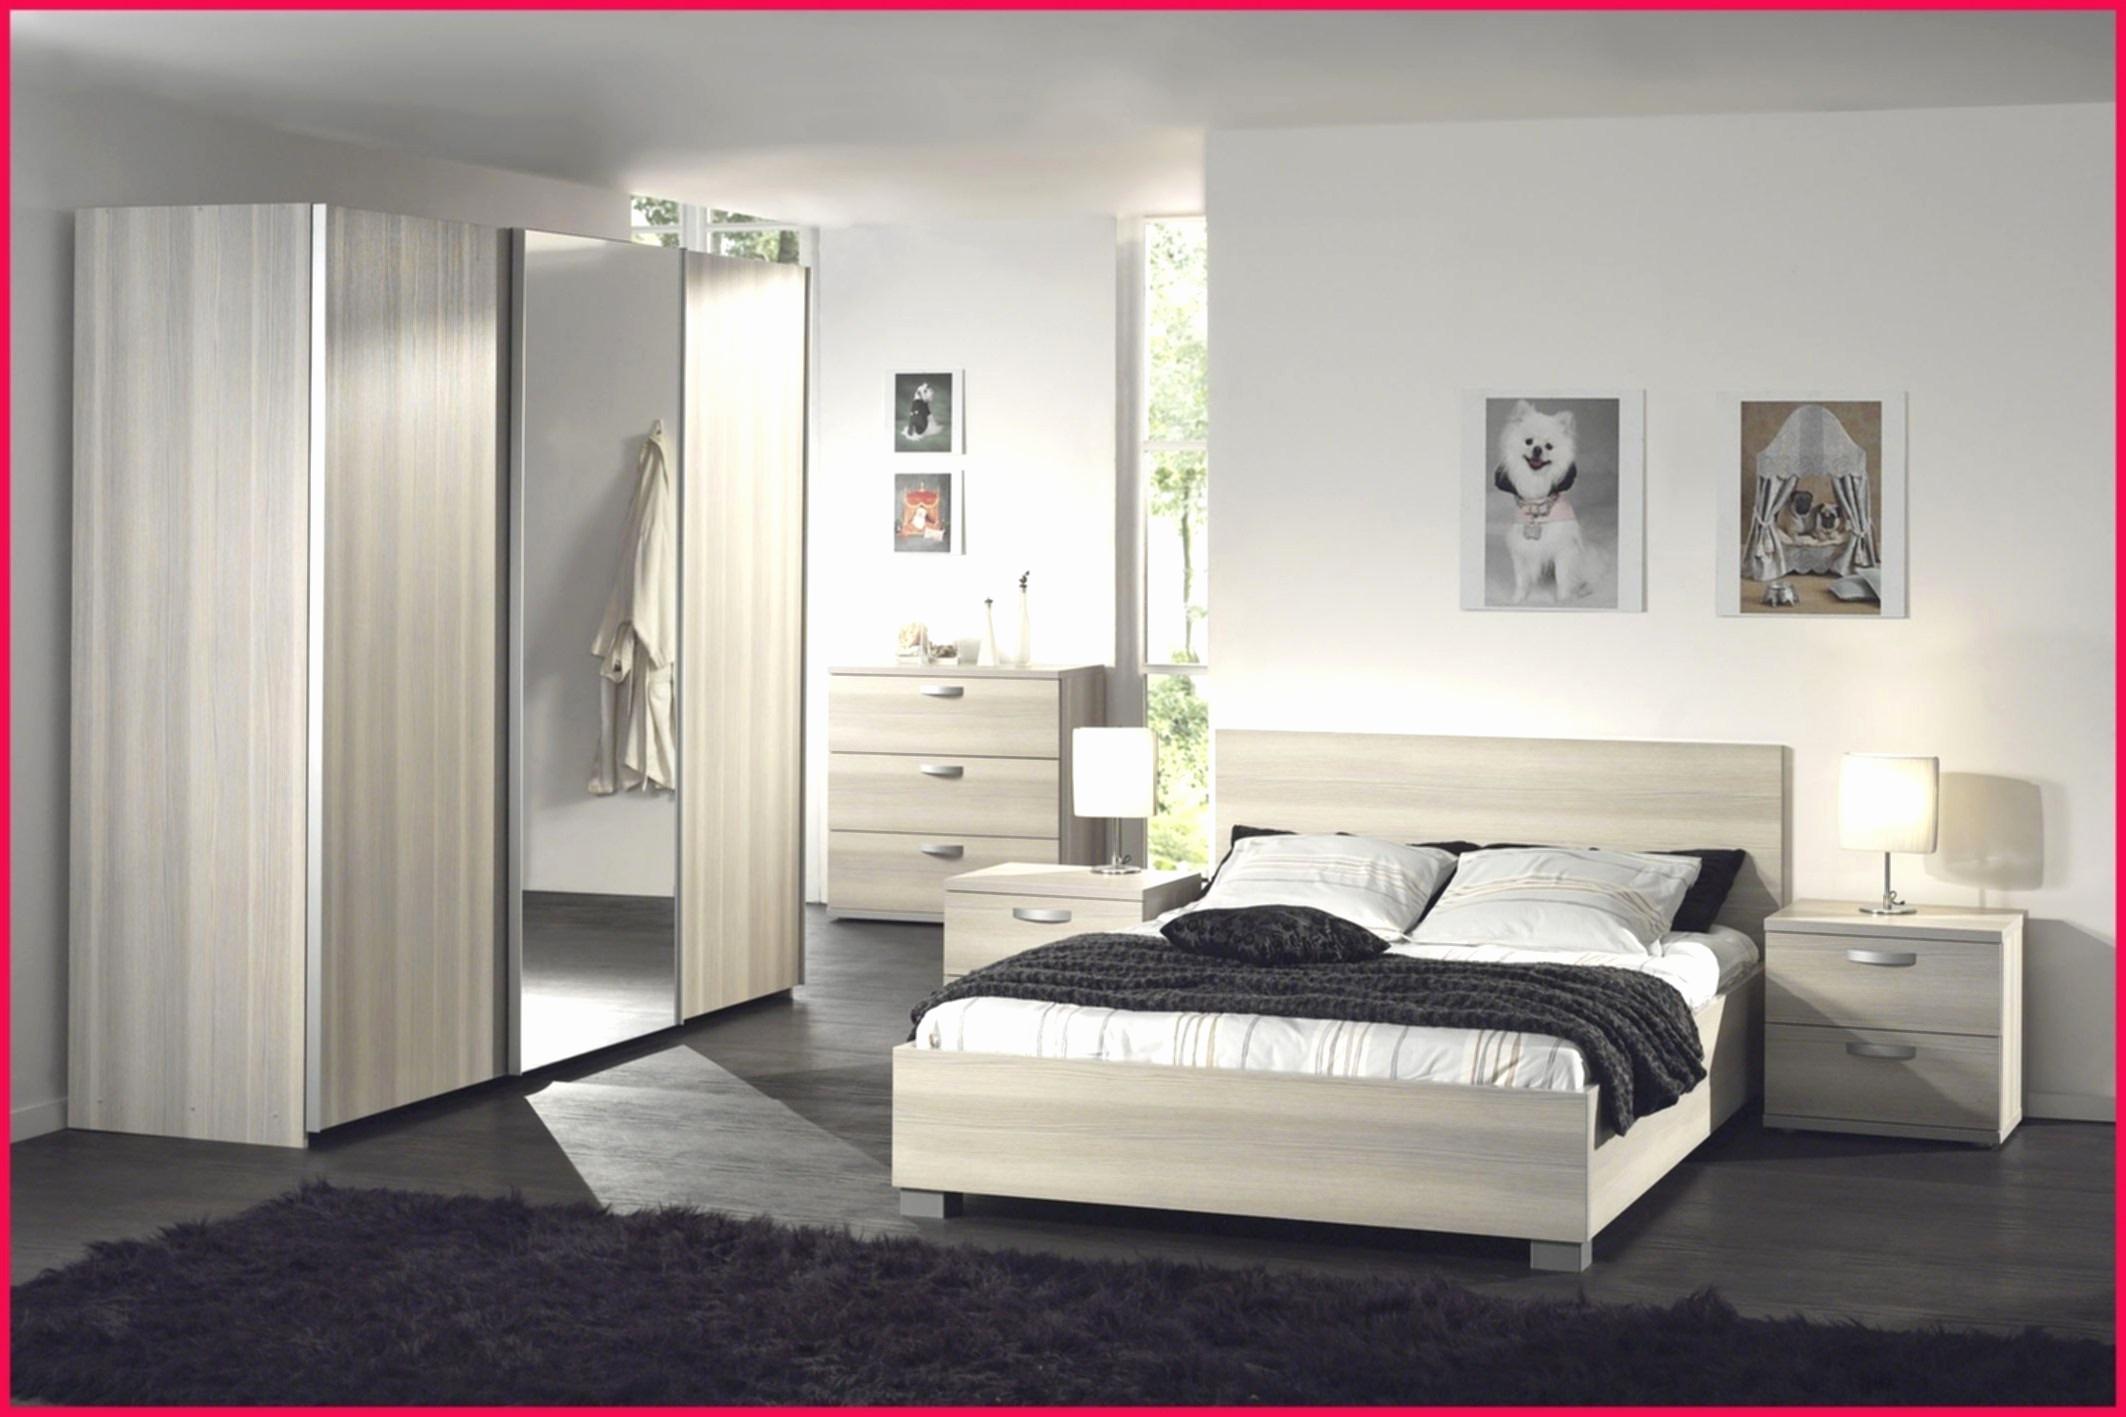 Douche Italienne Ikea Unique Images 43 New S Douche Italienne Ikea 43 Génial Stock De Douche